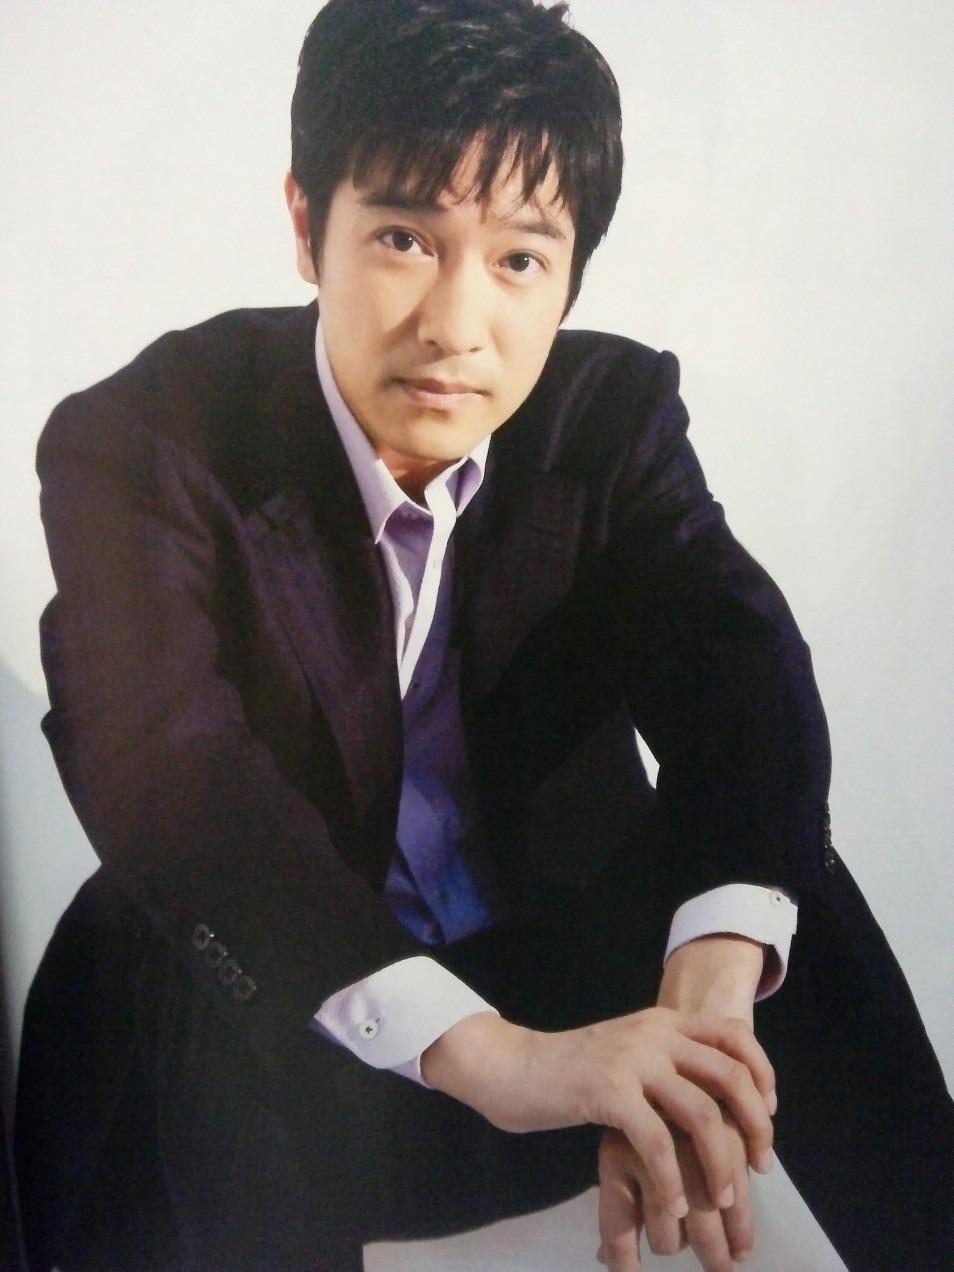 堺雅人の画像 p1_16